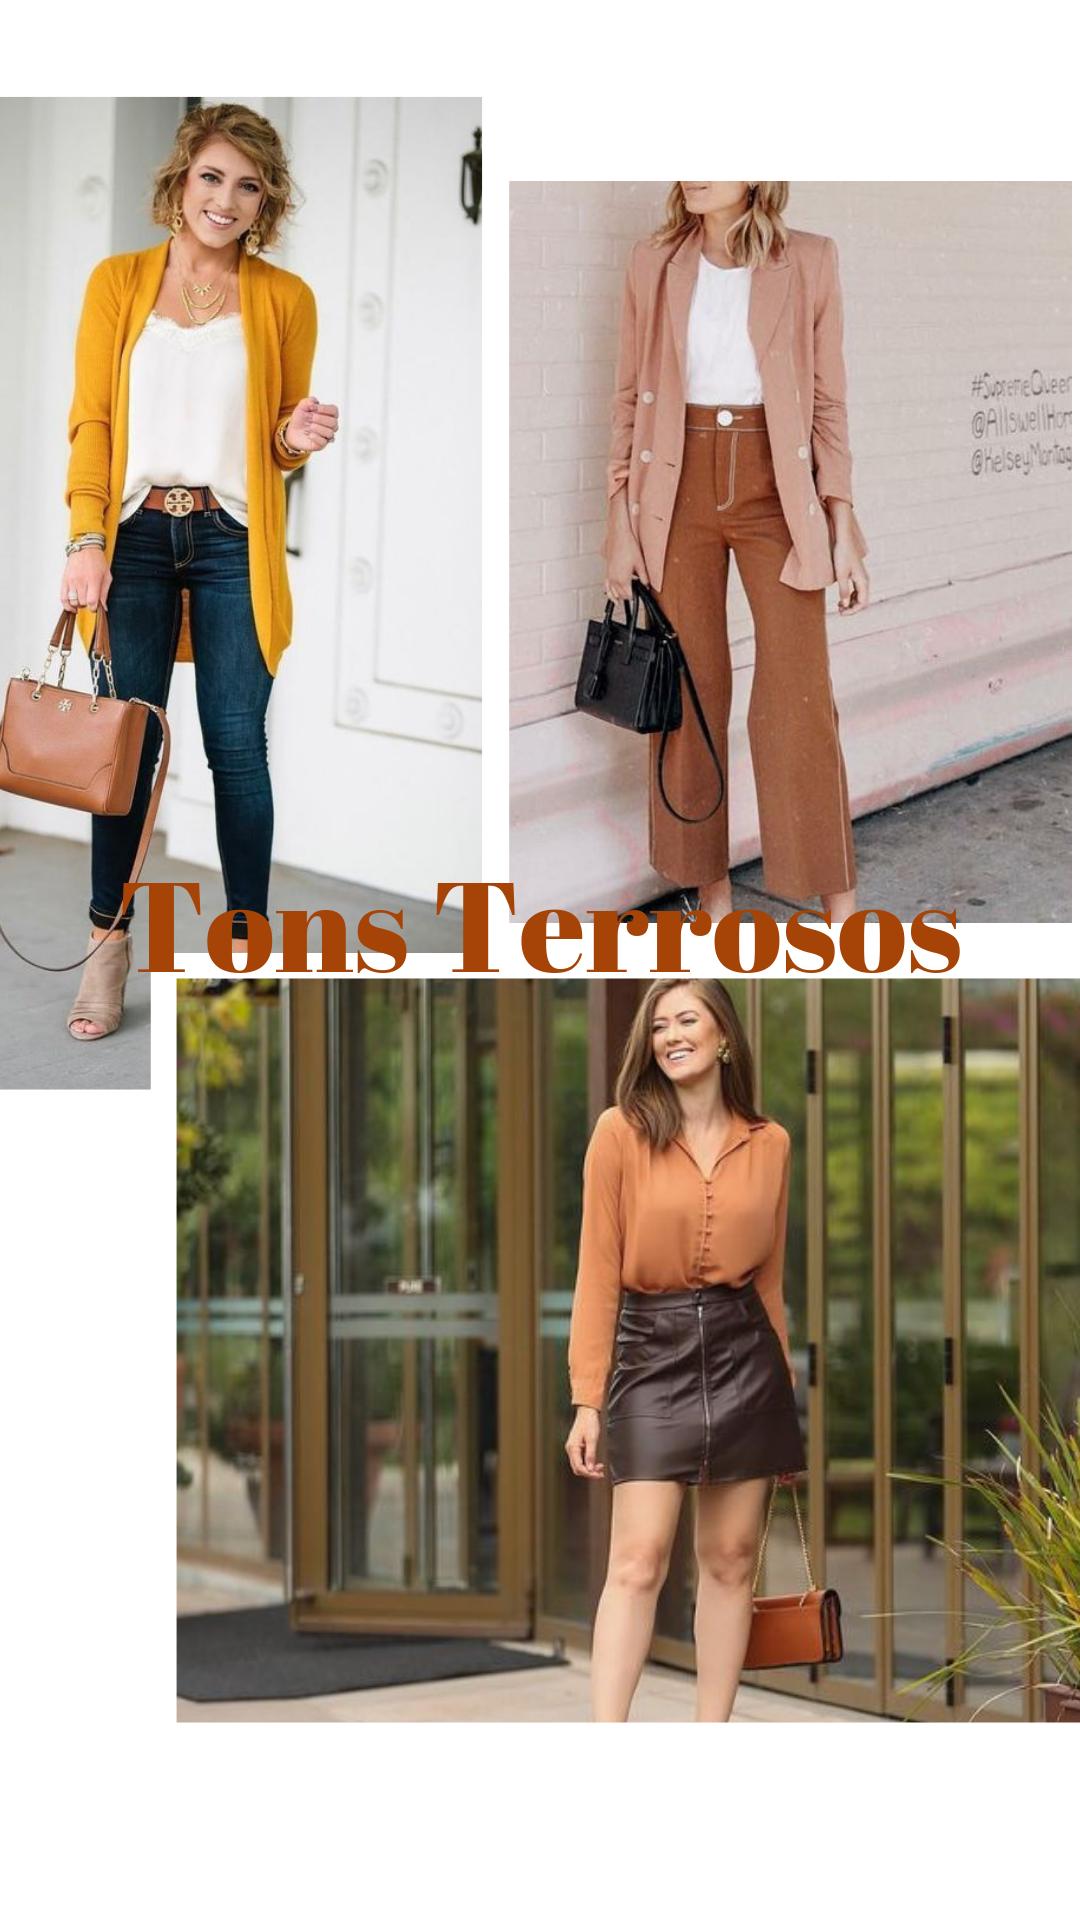 tonsterrosos2019